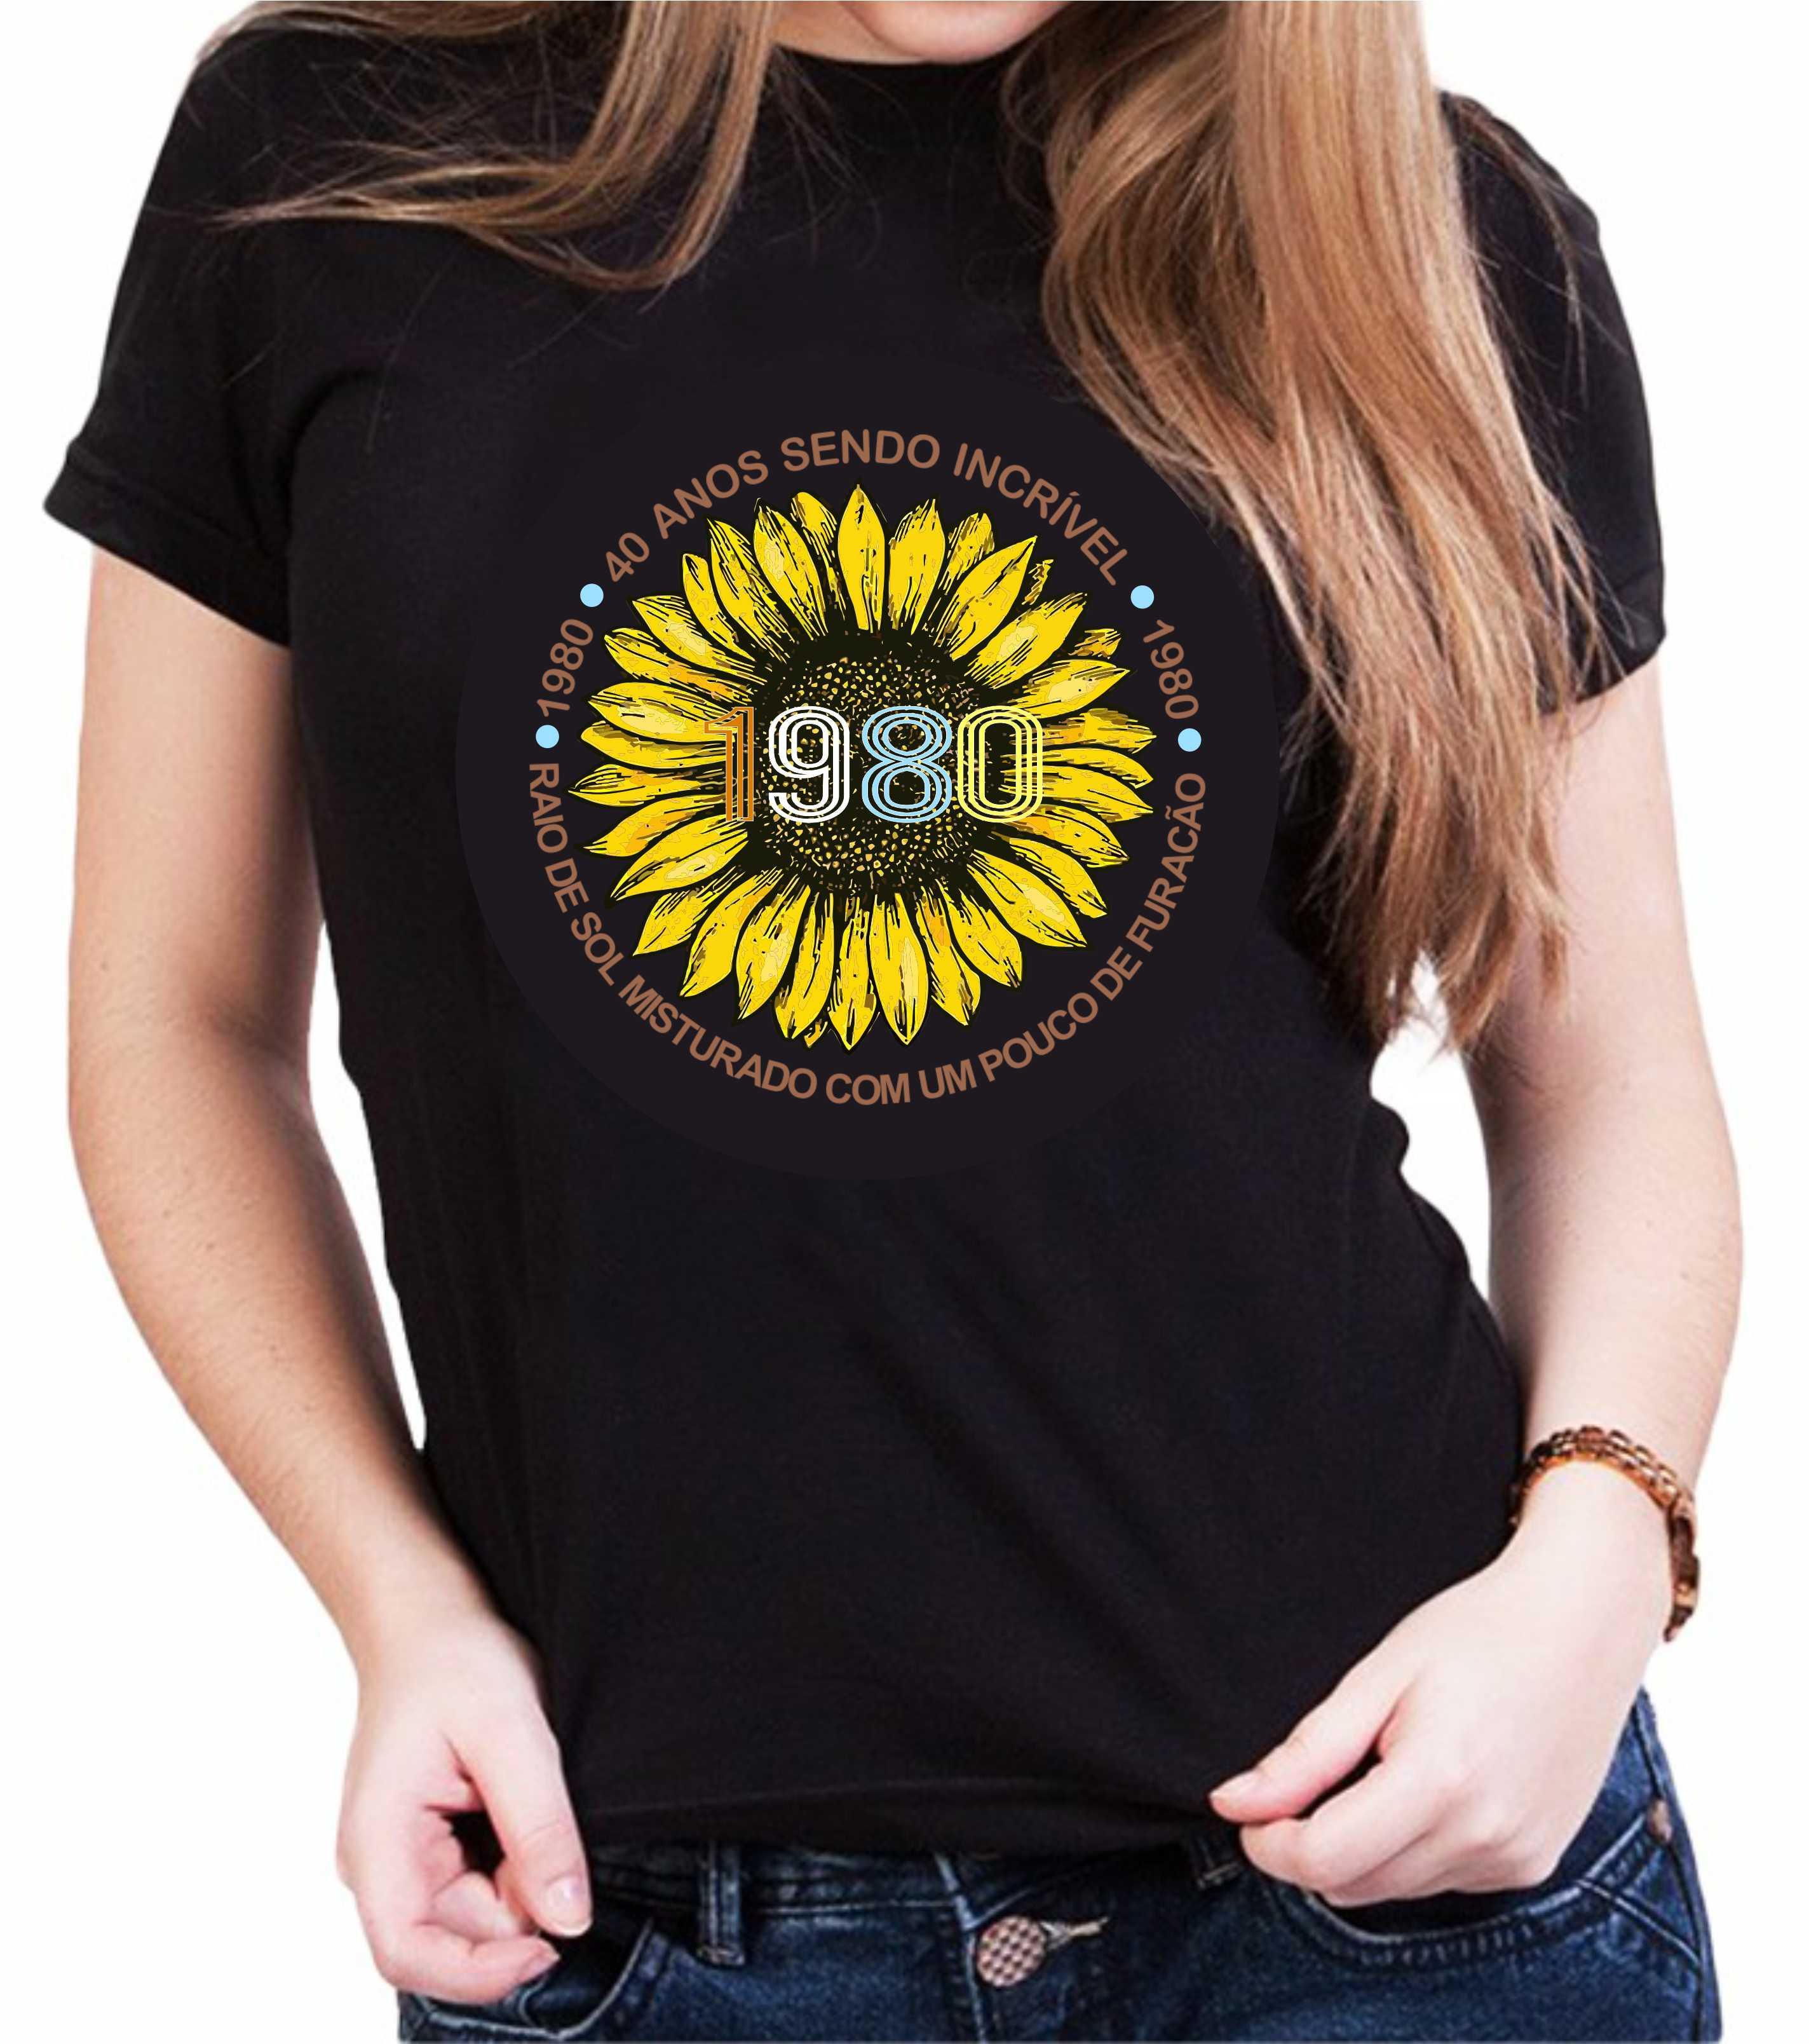 Camiseta Personalizada Preta raio de sol misturado com um pouco de furacão